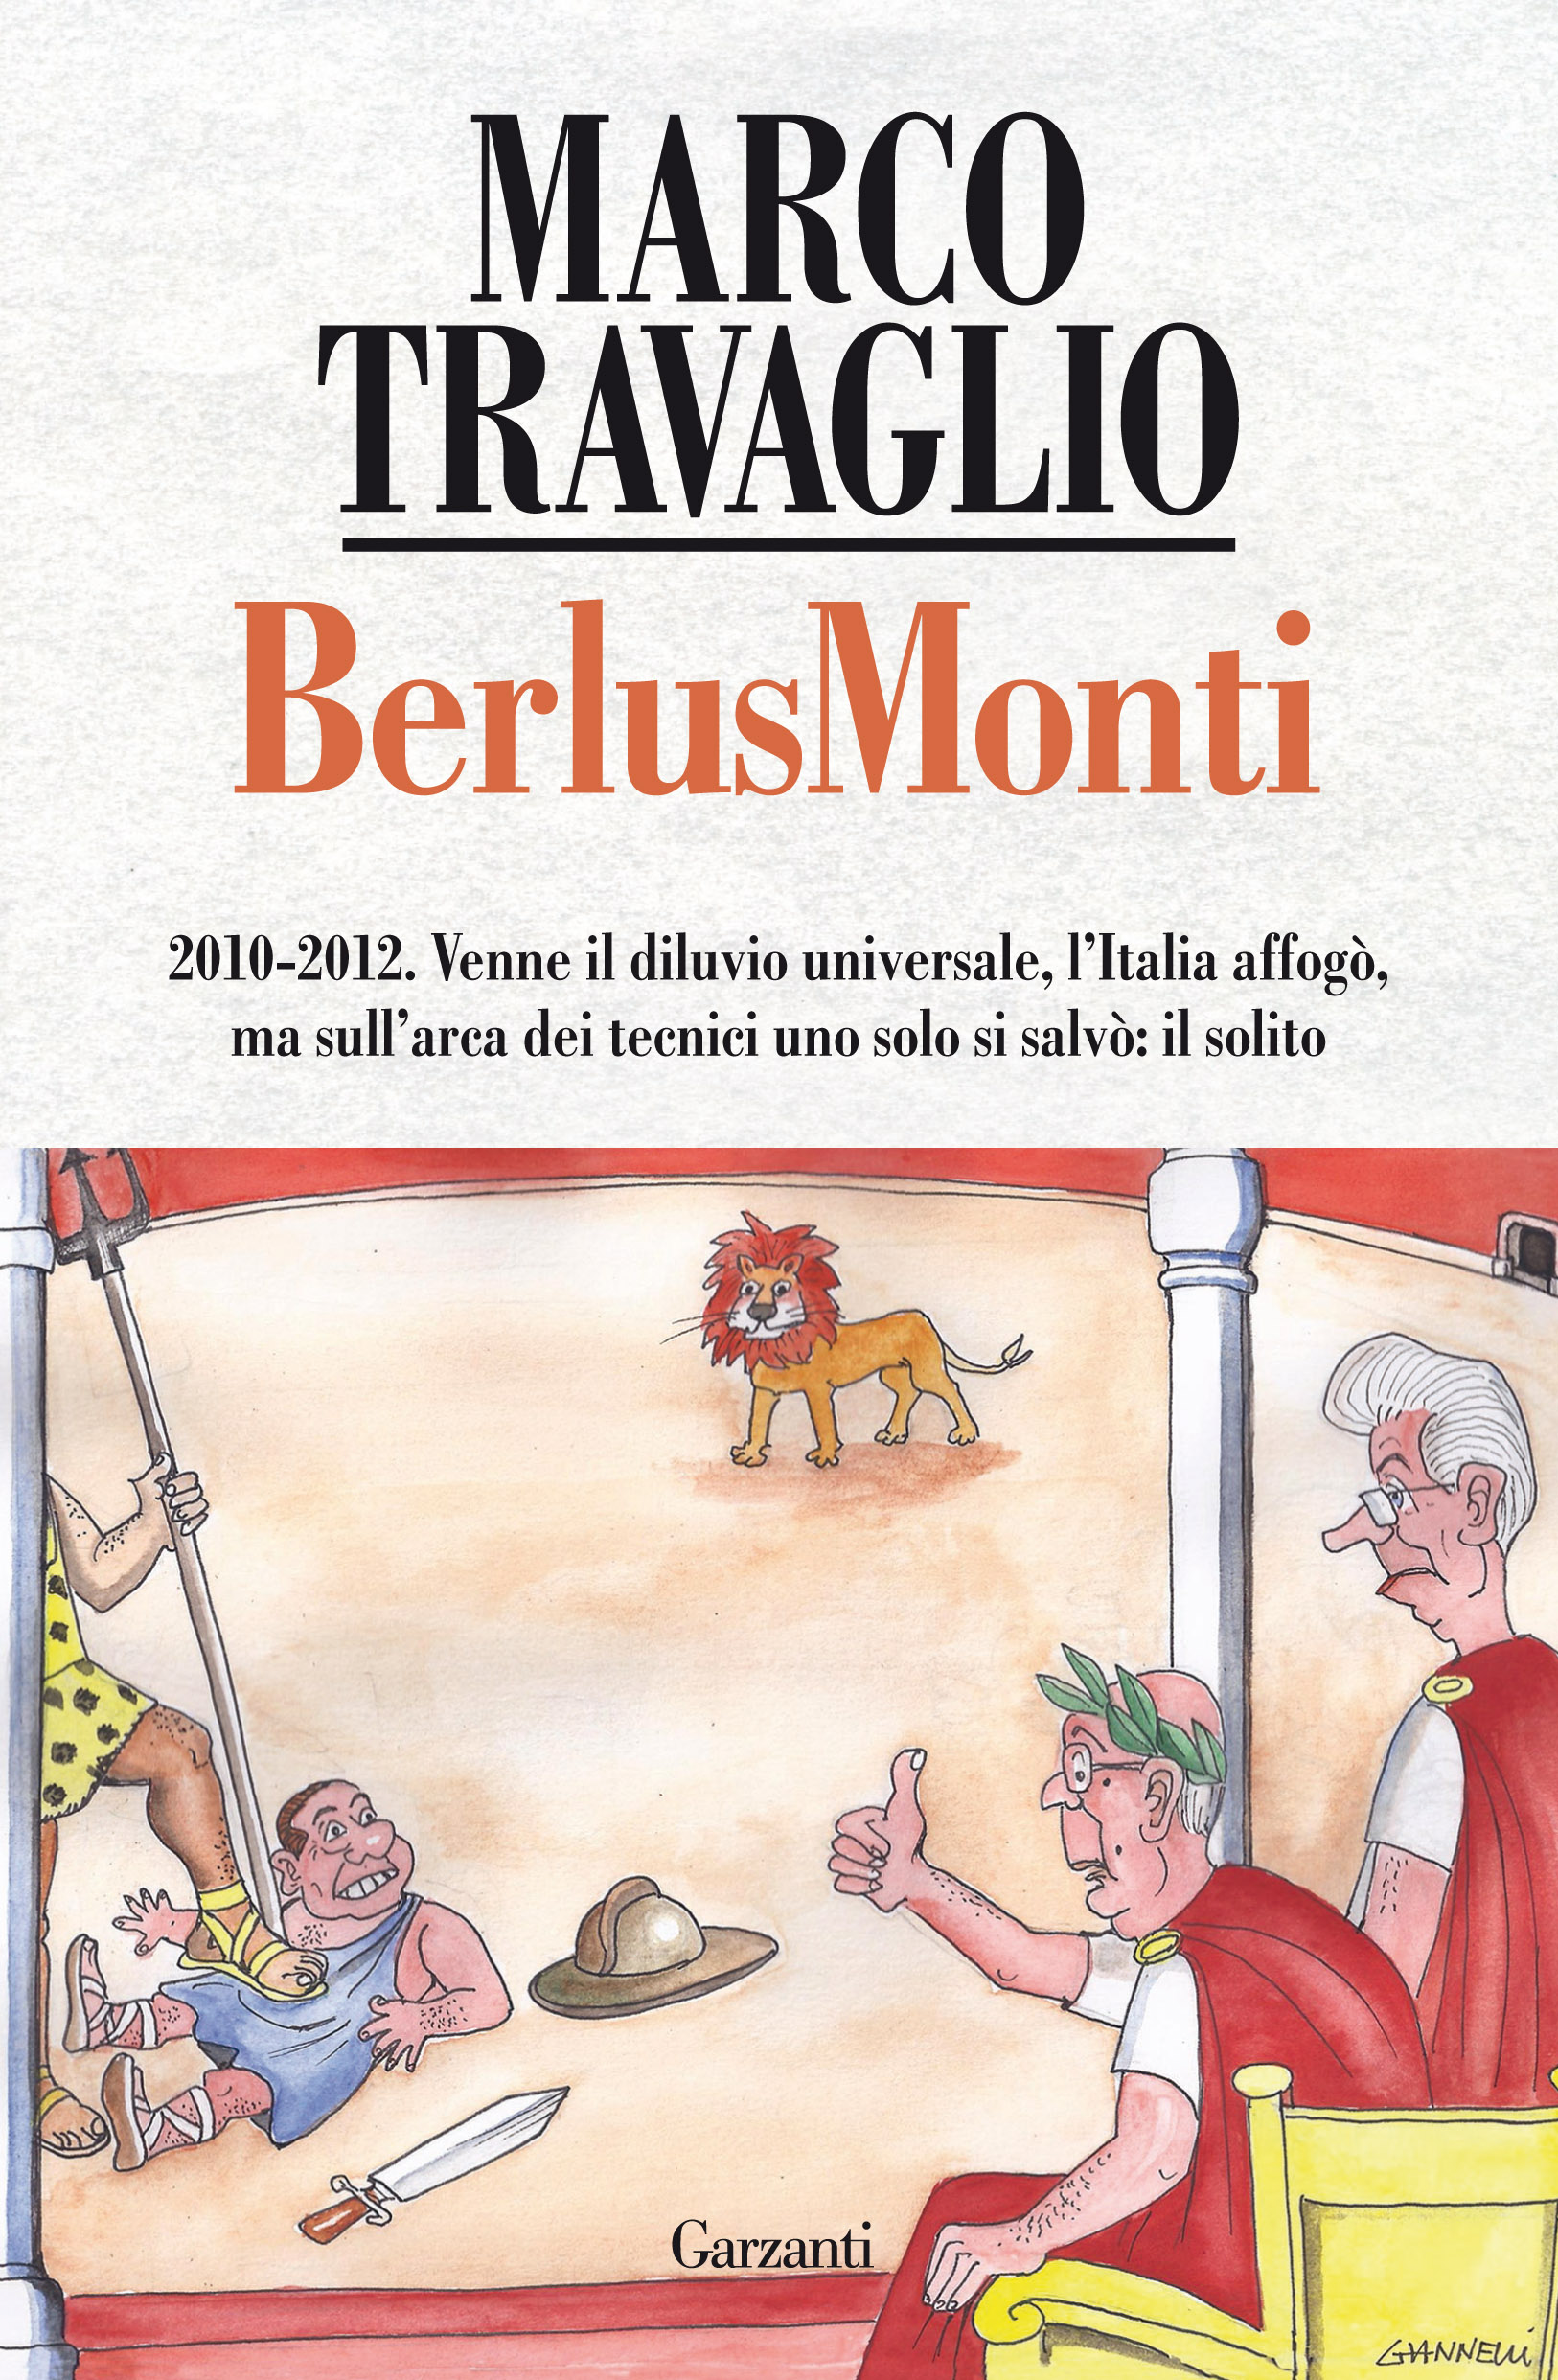 Il nuovo libro di Marco Travaglio, BerlusMonti